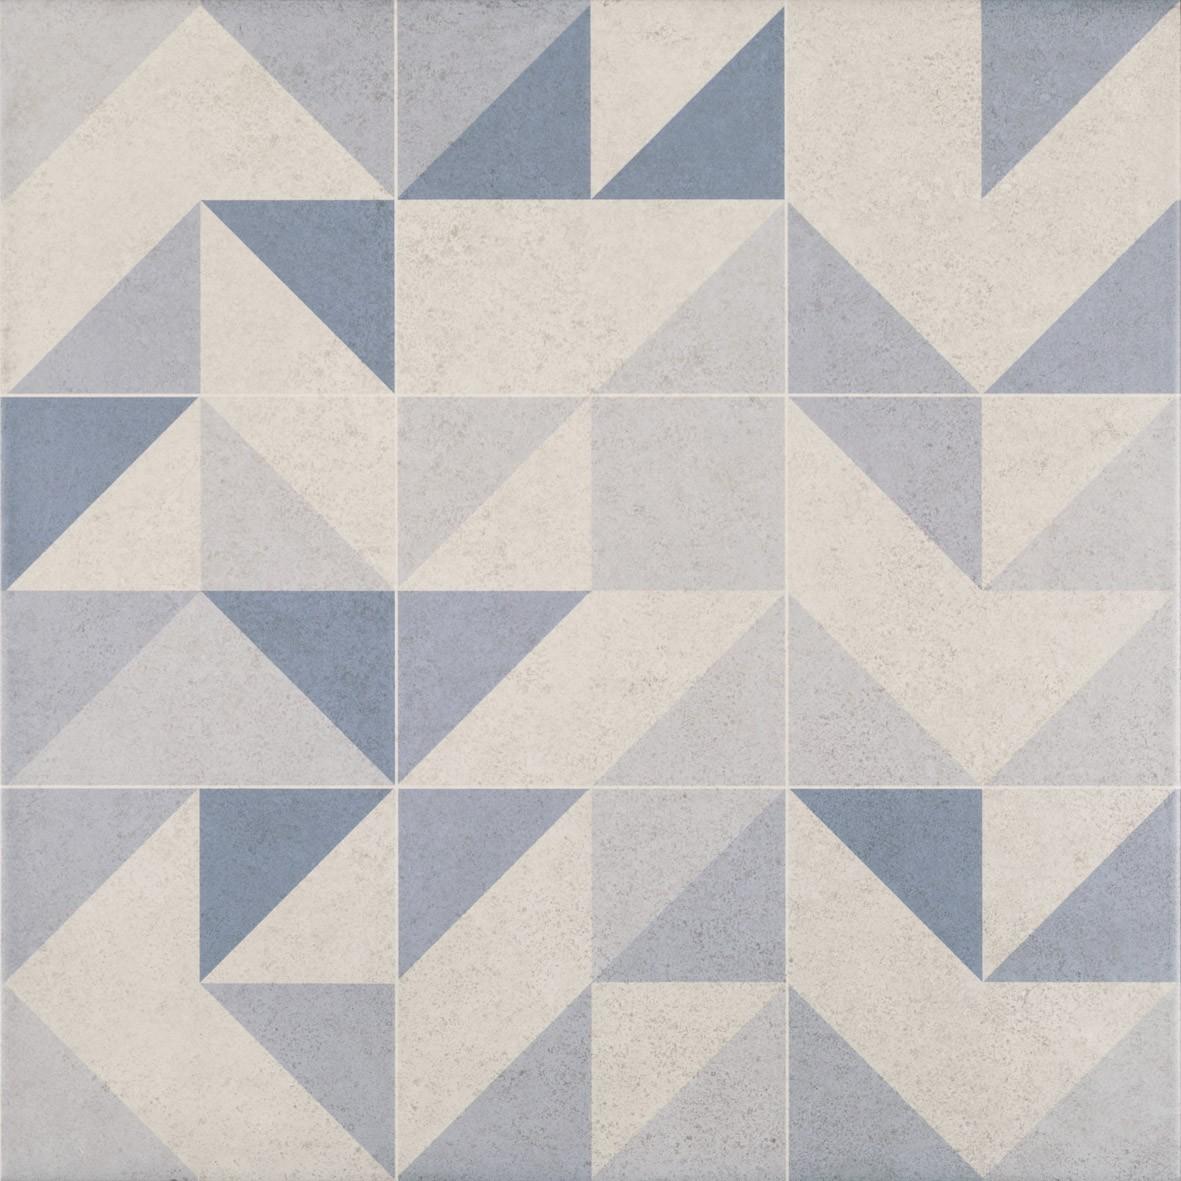 Ceramica Cardume Mate Tipo A Retificado 60x60cm 212m Azul - Pointer